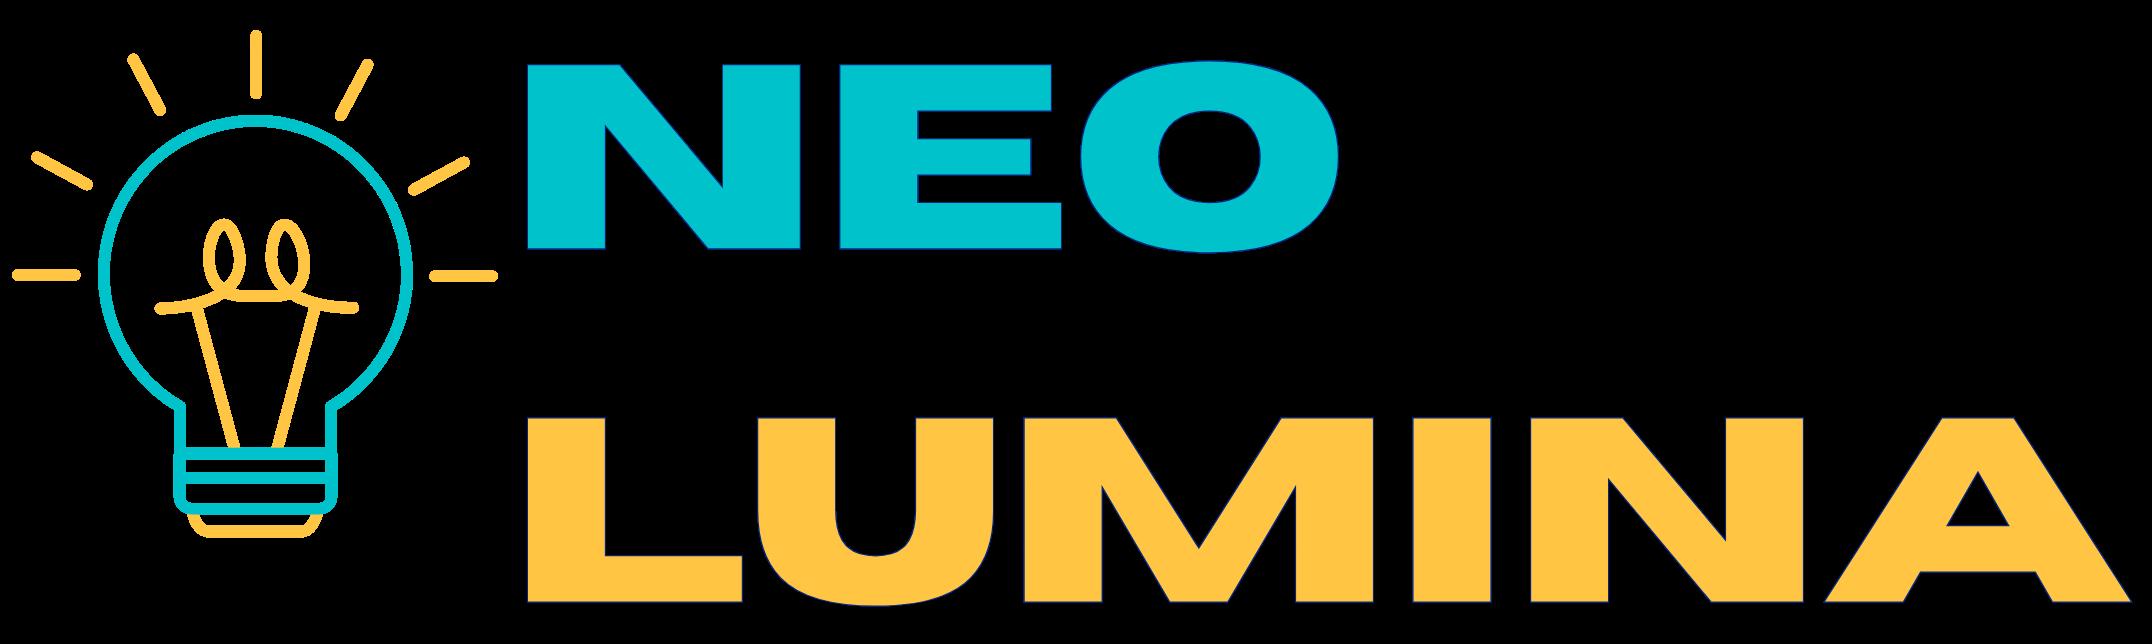 Neo Lumina Logo